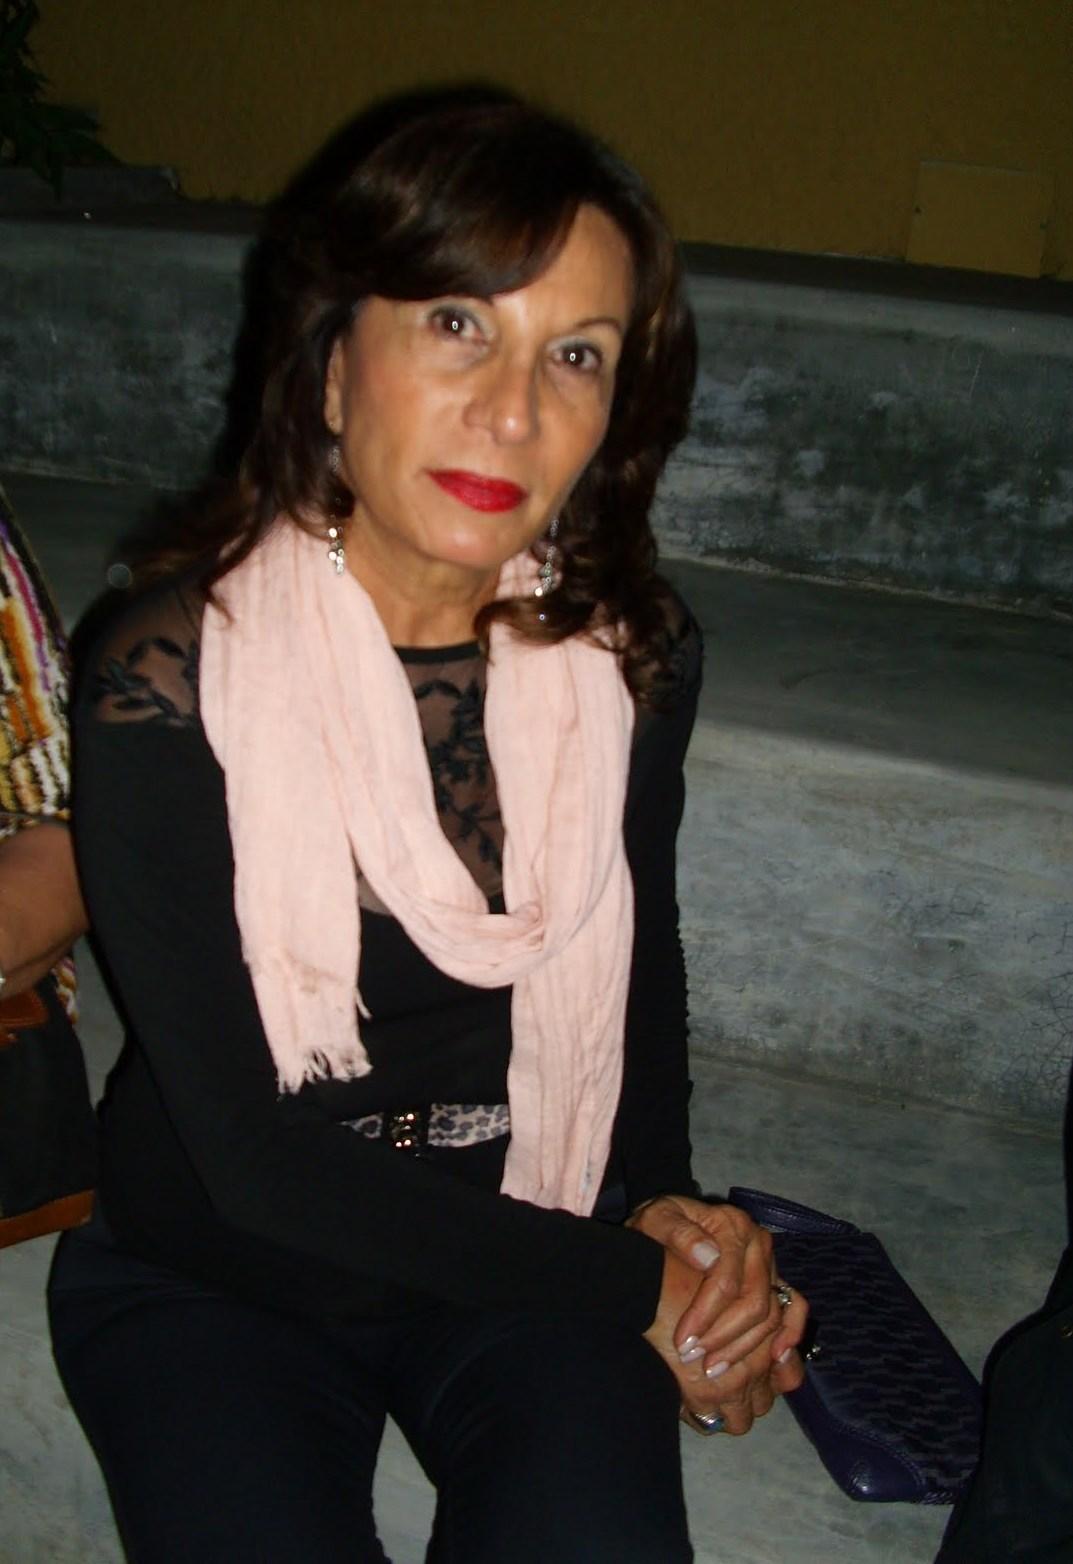 Safa Selinger